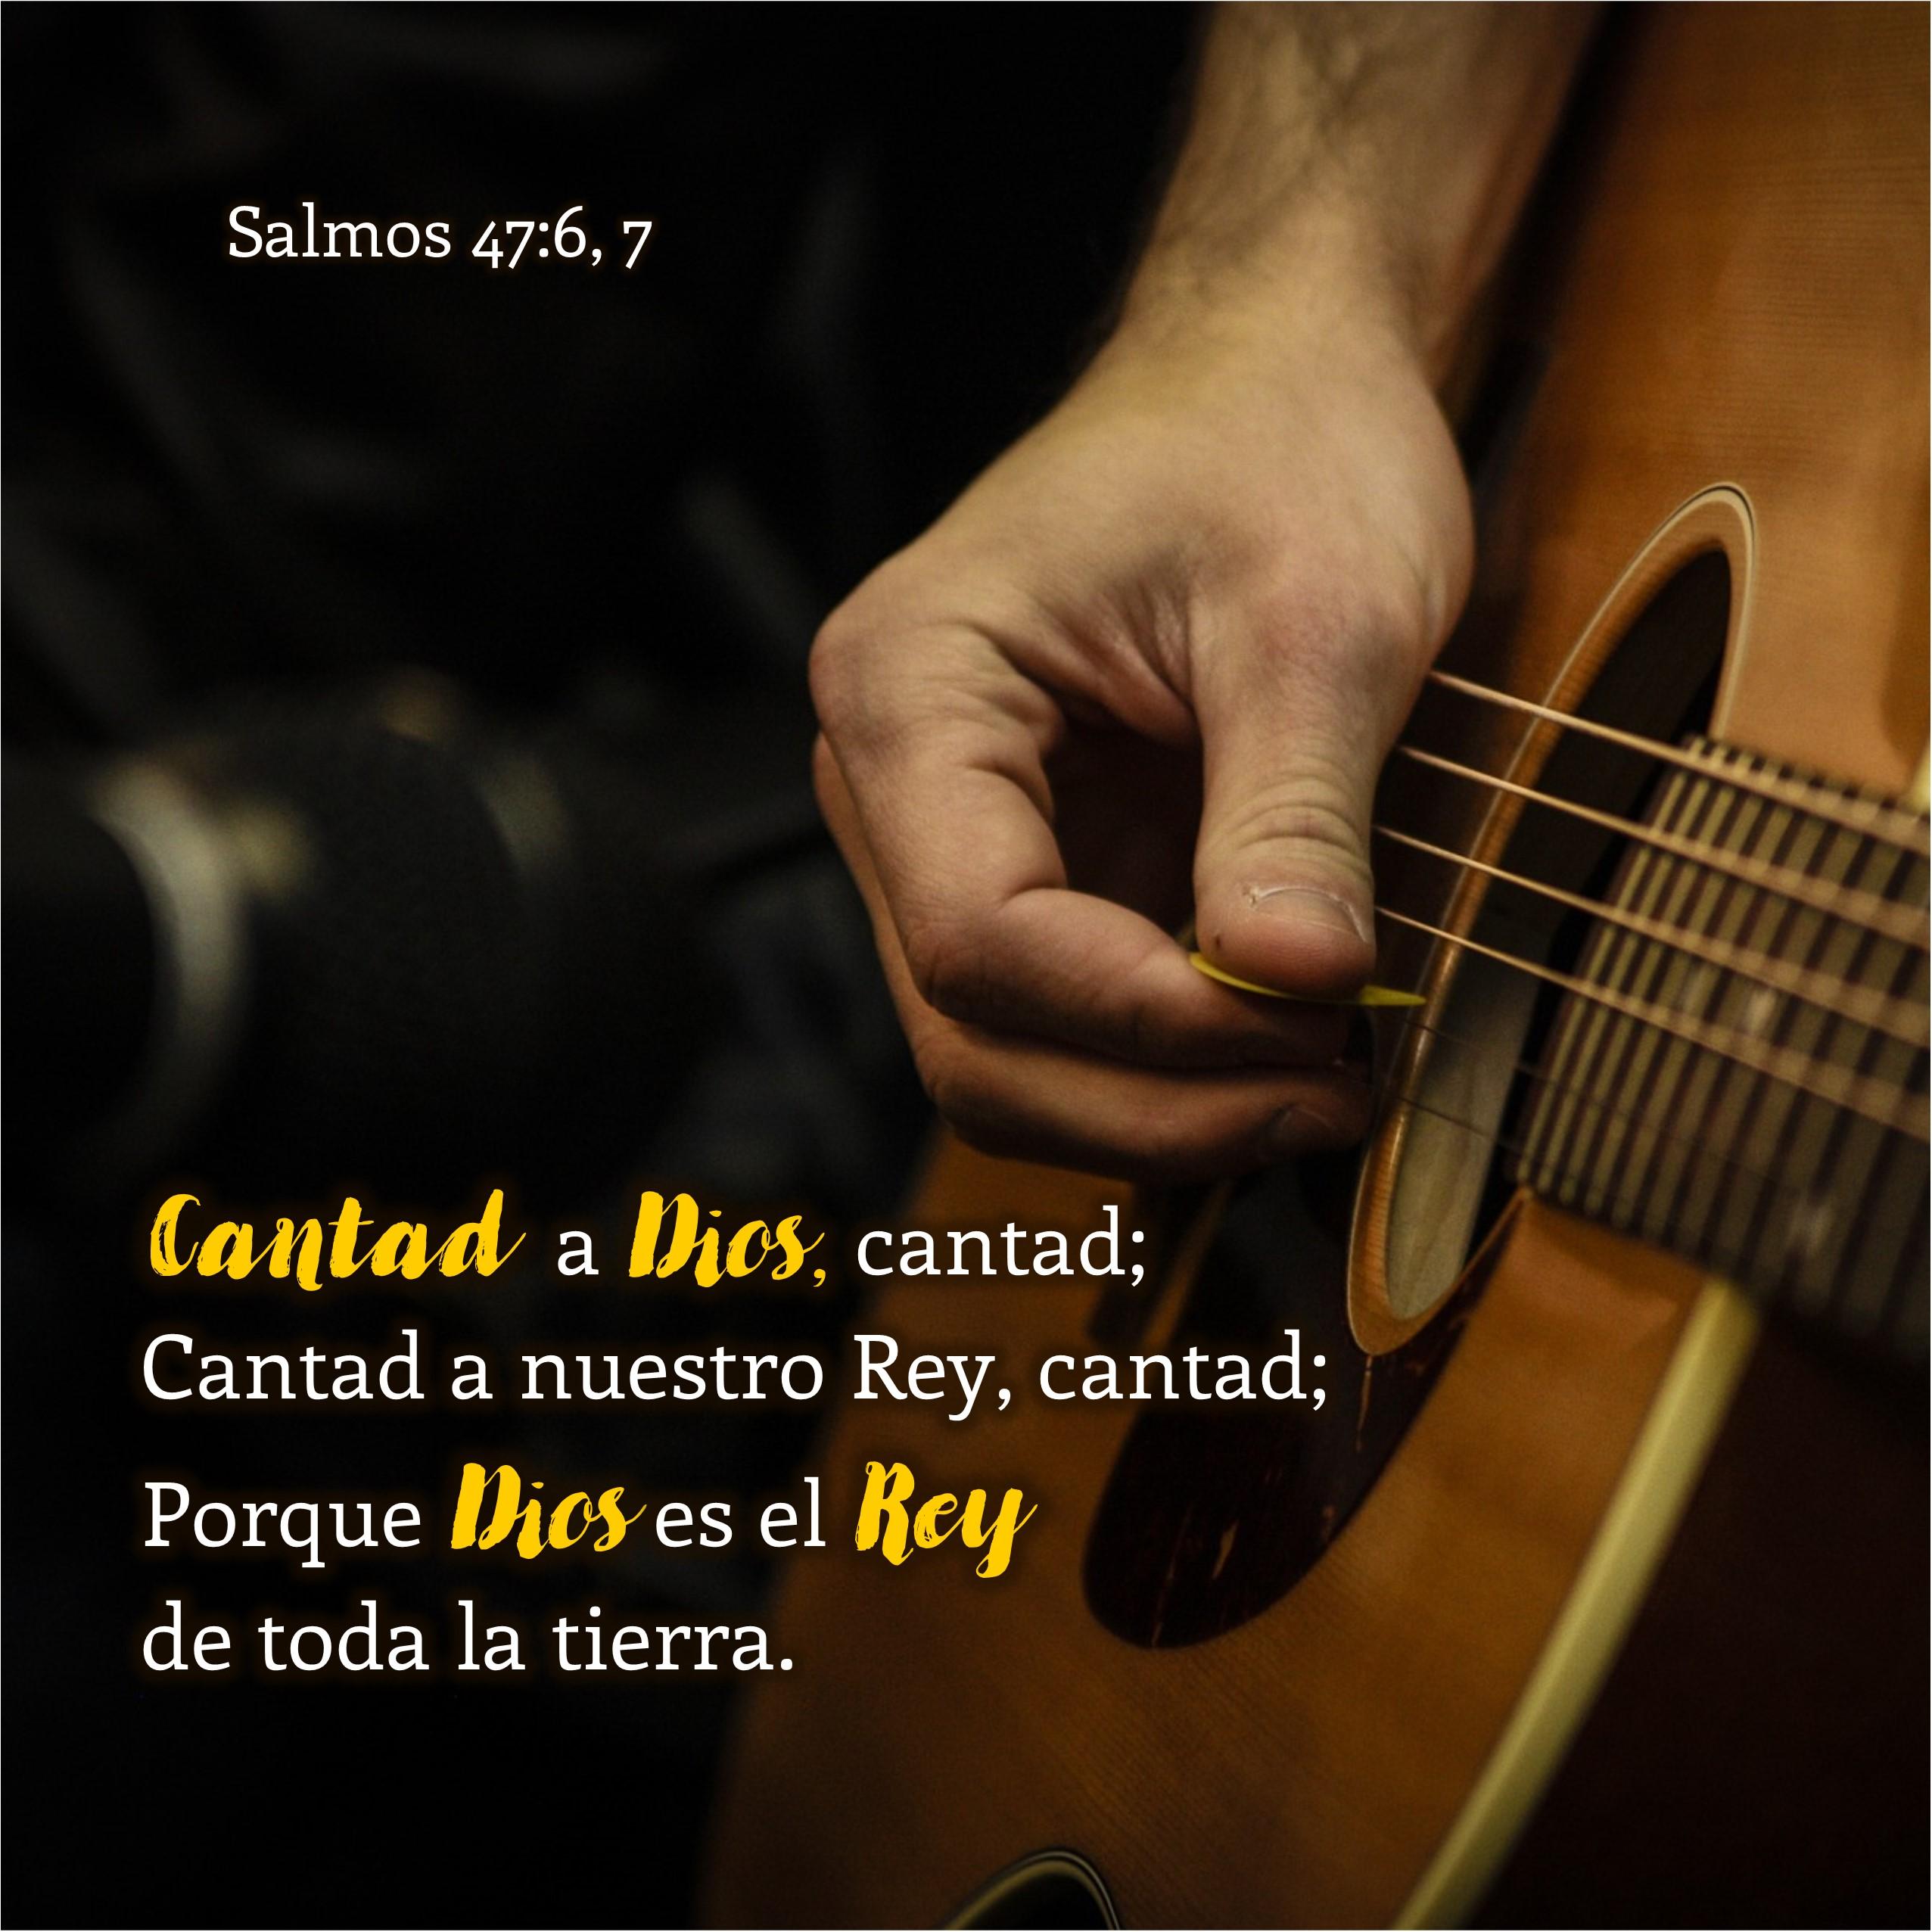 Salmos 47.6, 7 Anexo